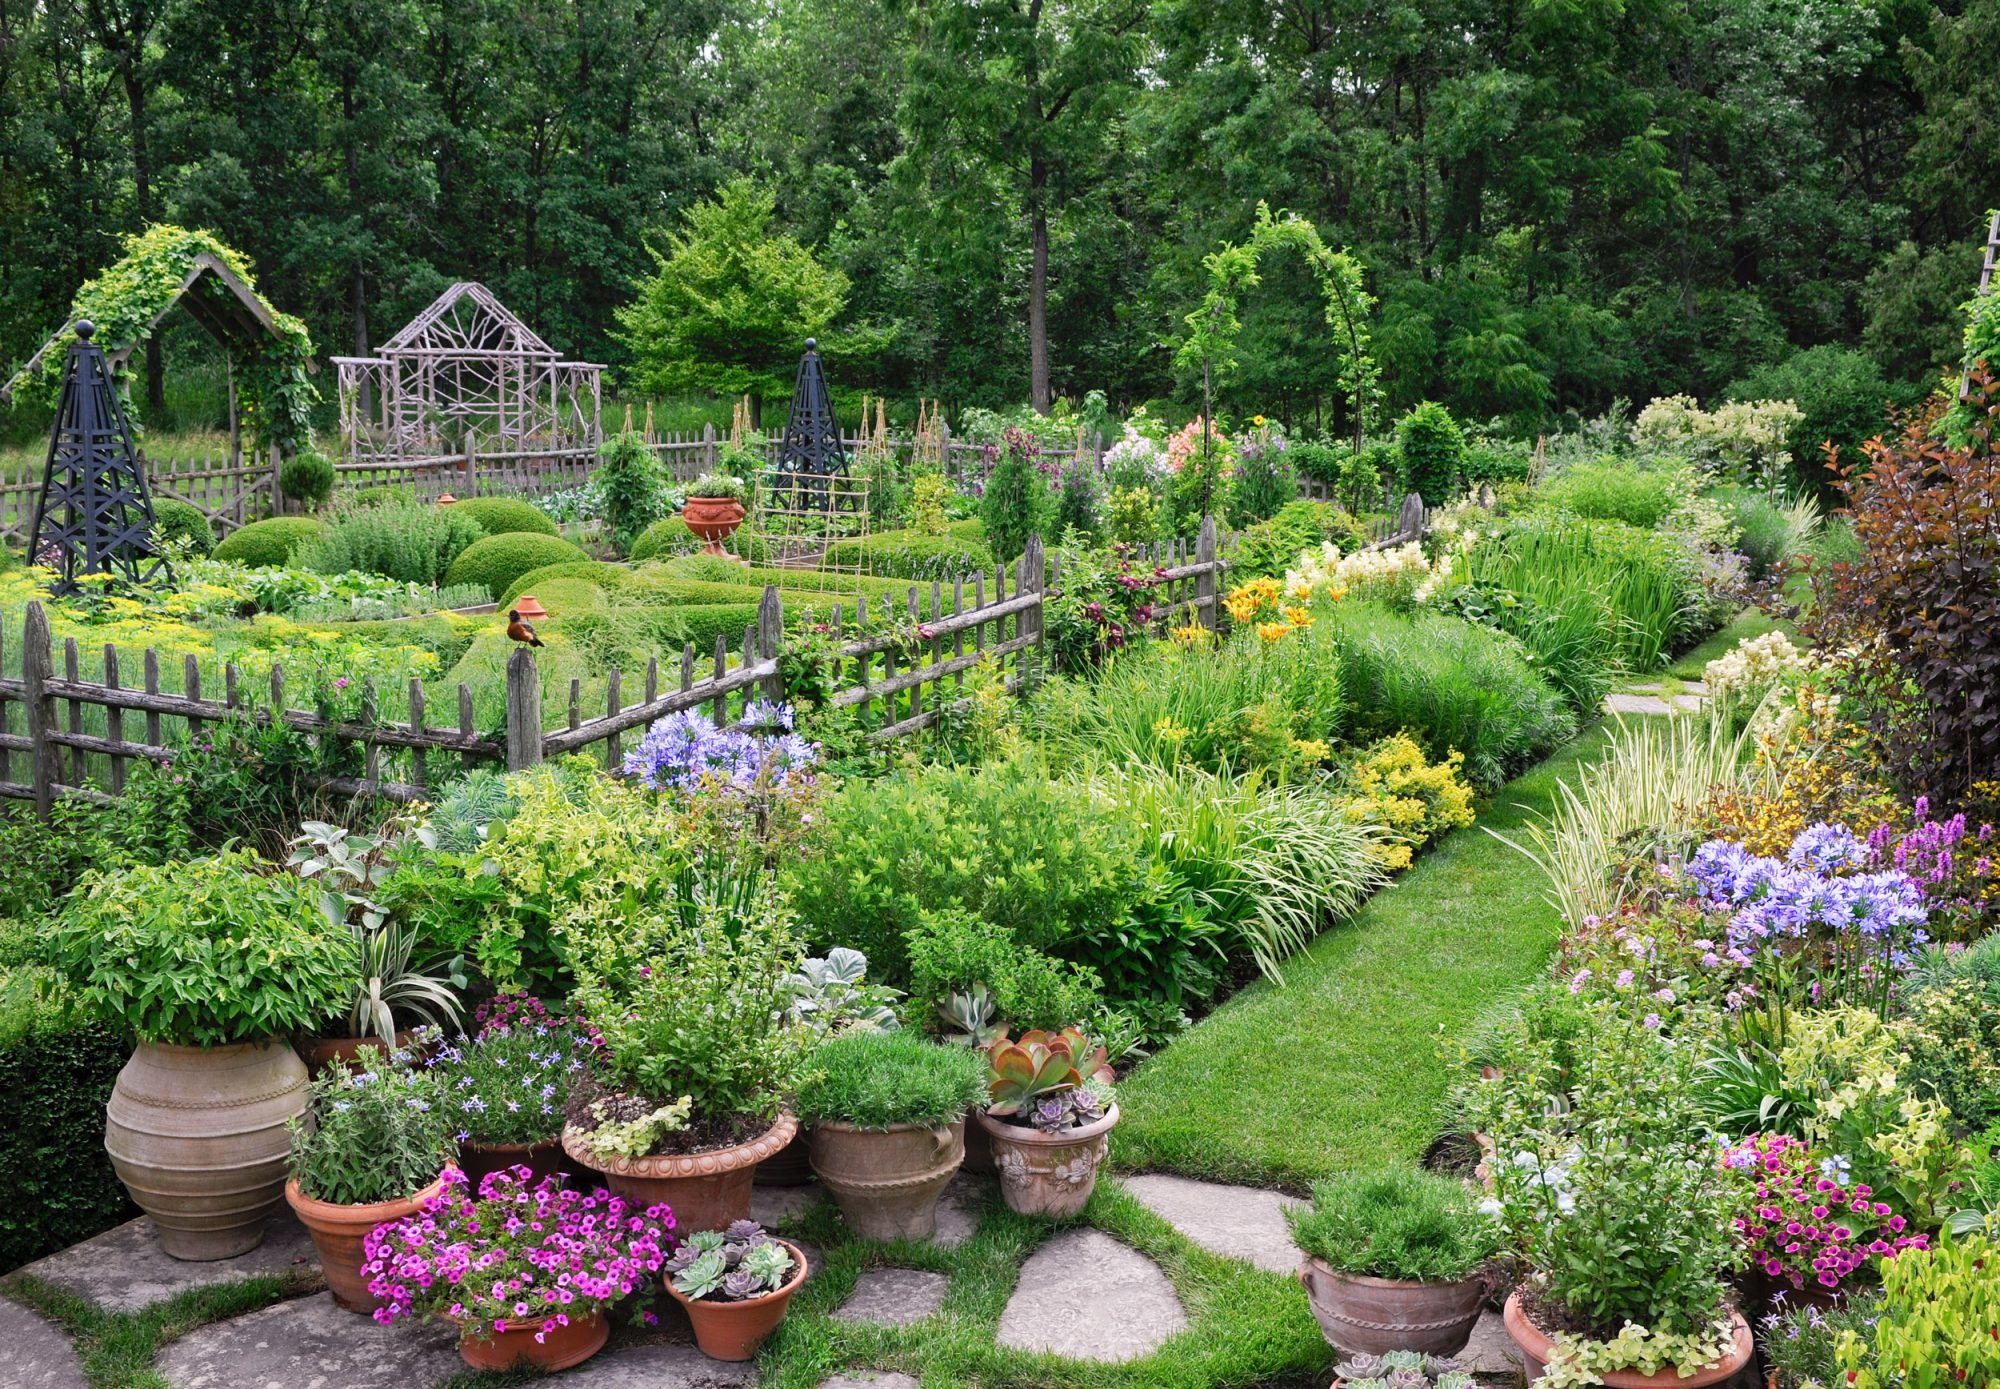 The Kingdom of Heaven Is Like a Garden